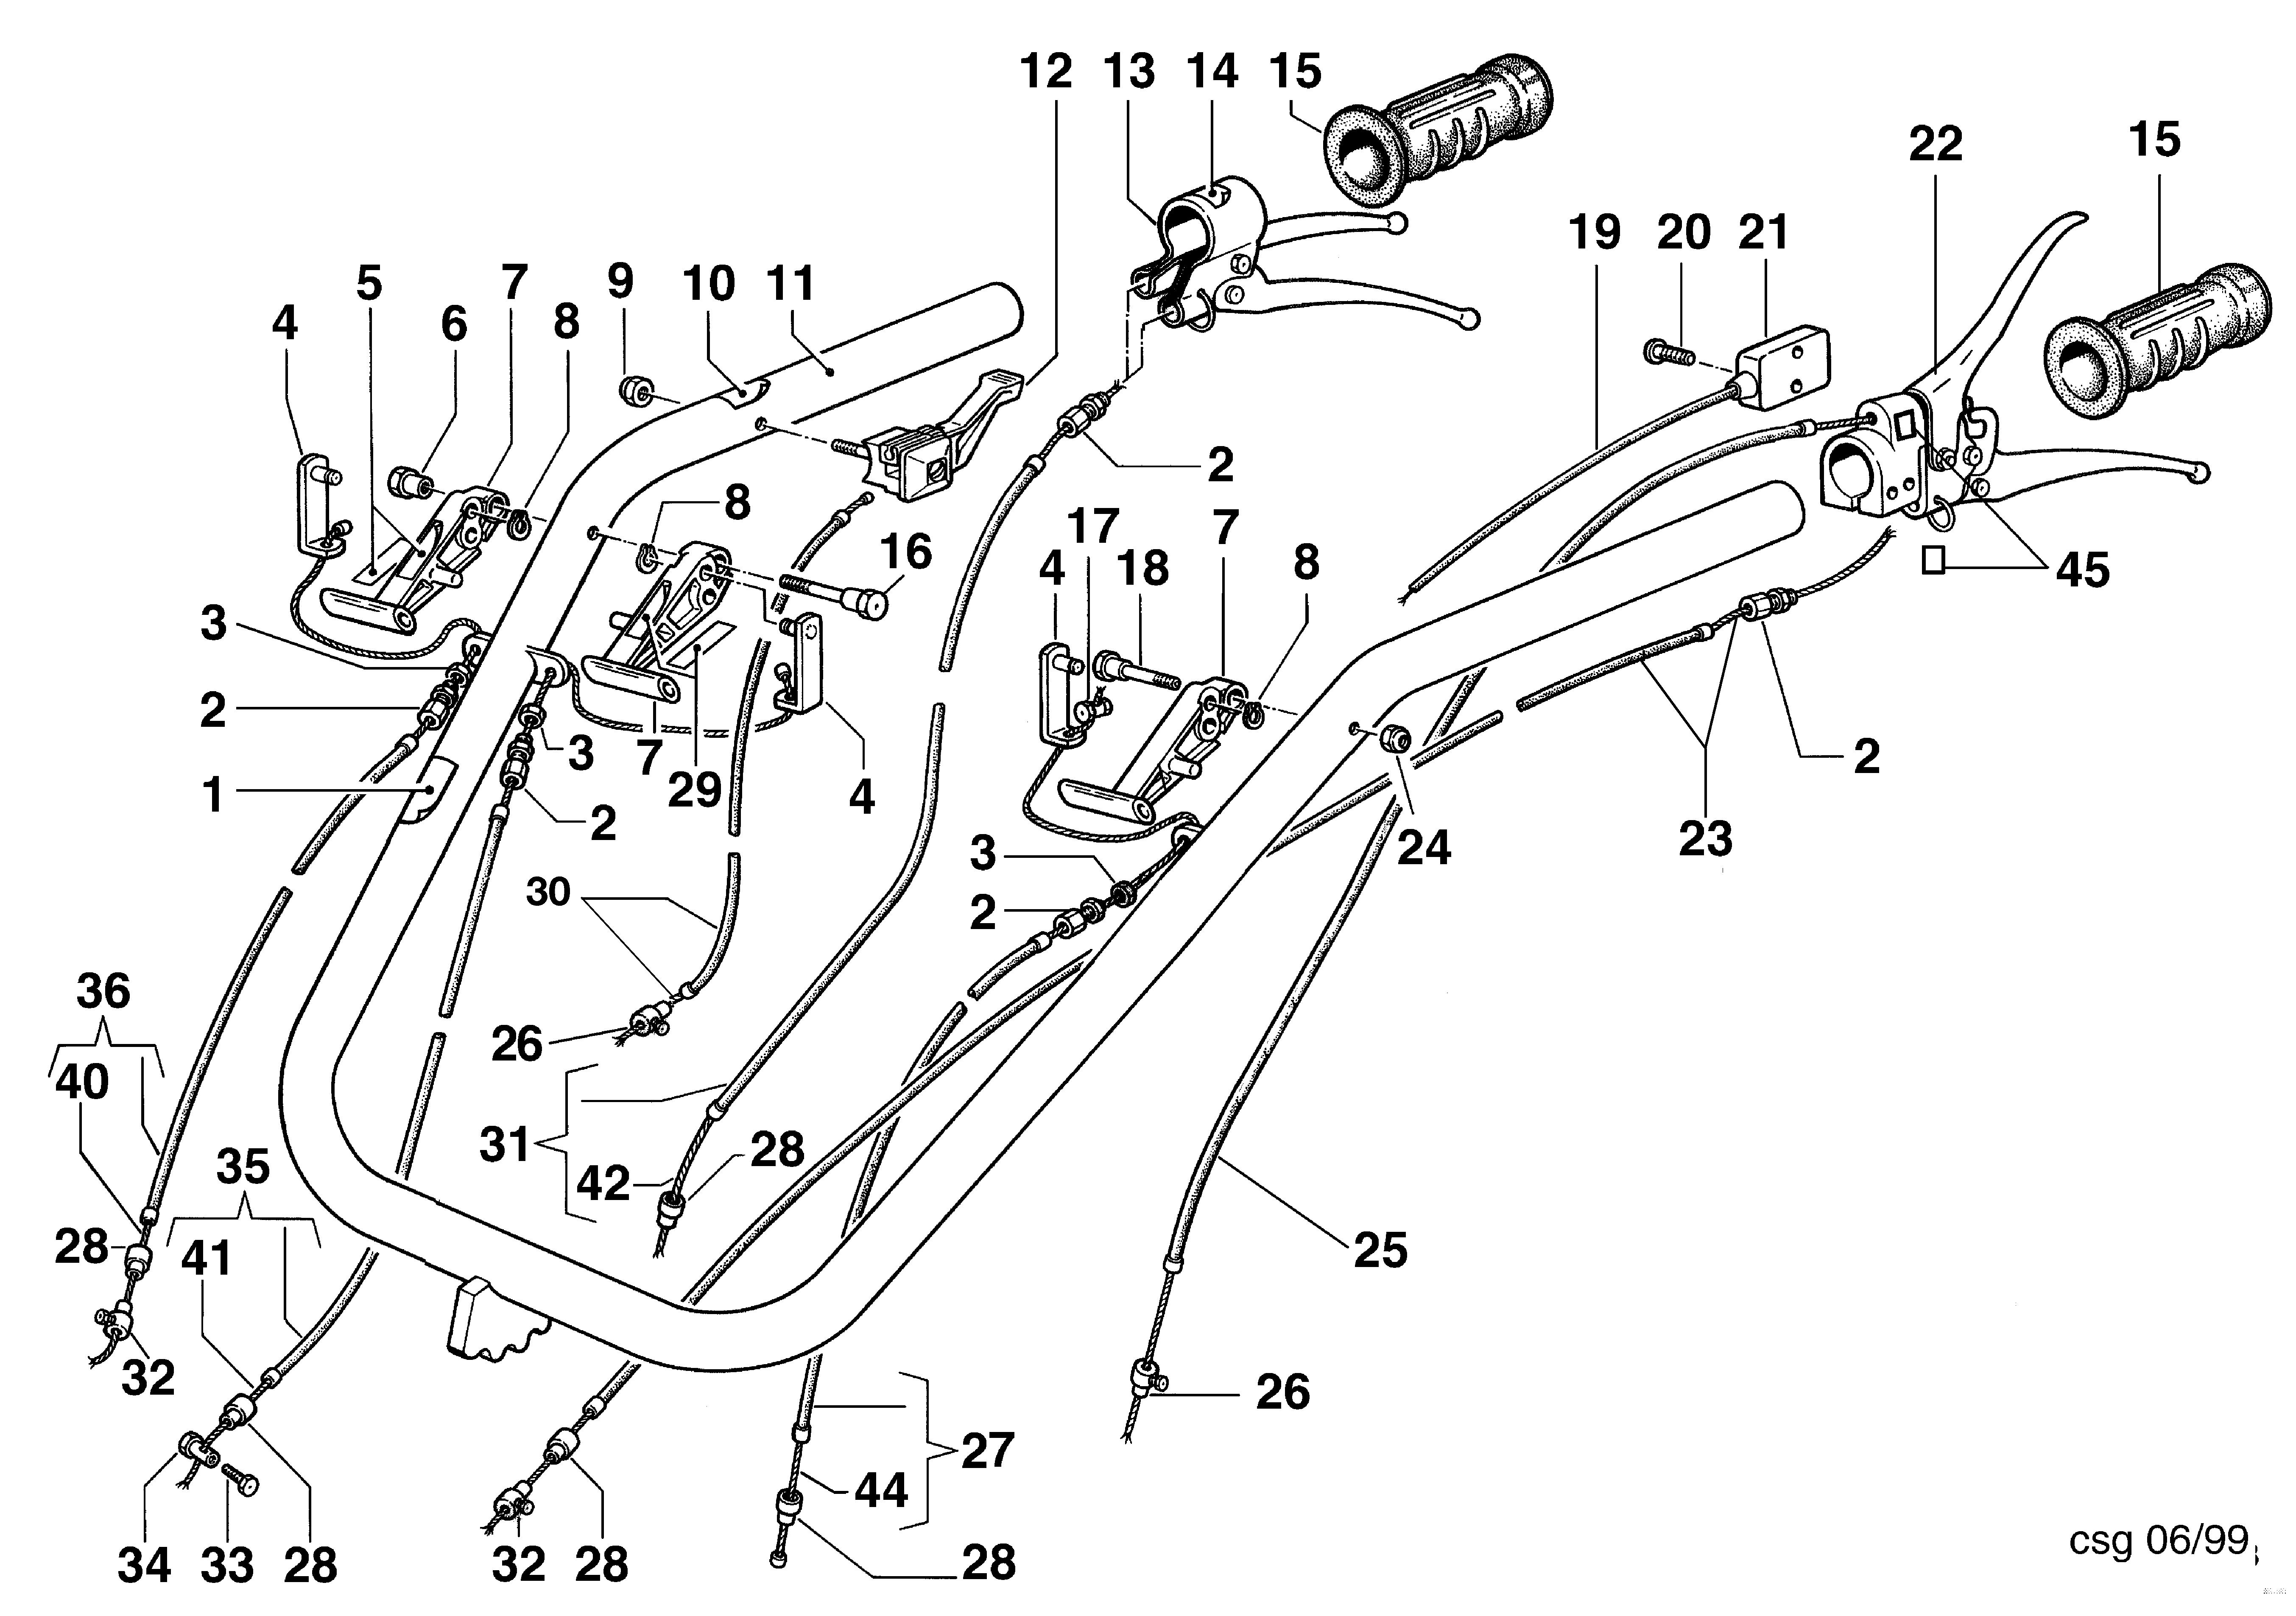 KAM 5 (jusqu'en 2012) Motoculteur OLEOMAC NIBBI vue éclatée  Dessins pièces - Mancheron et commandes